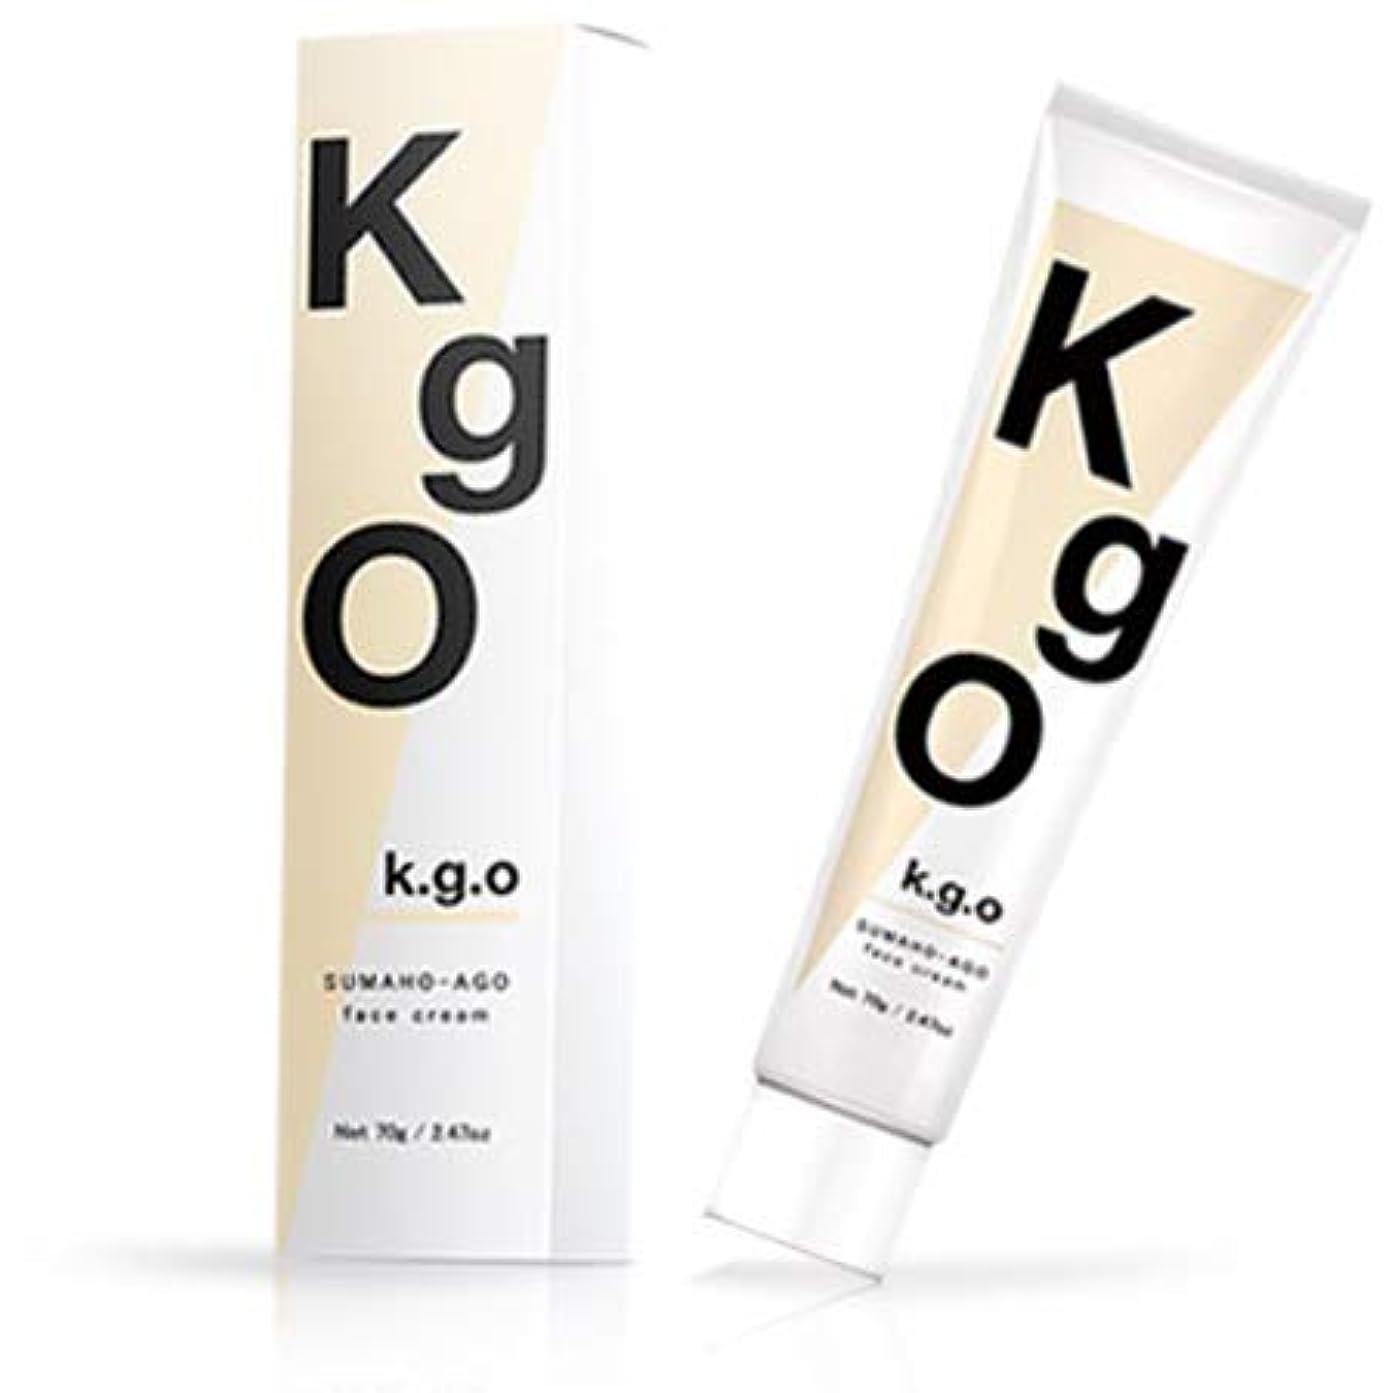 組立スライス一節K.g.O SUMAHO-AGO face cream ケージーオー スマホあご フェイスクリーム 70g (単品)